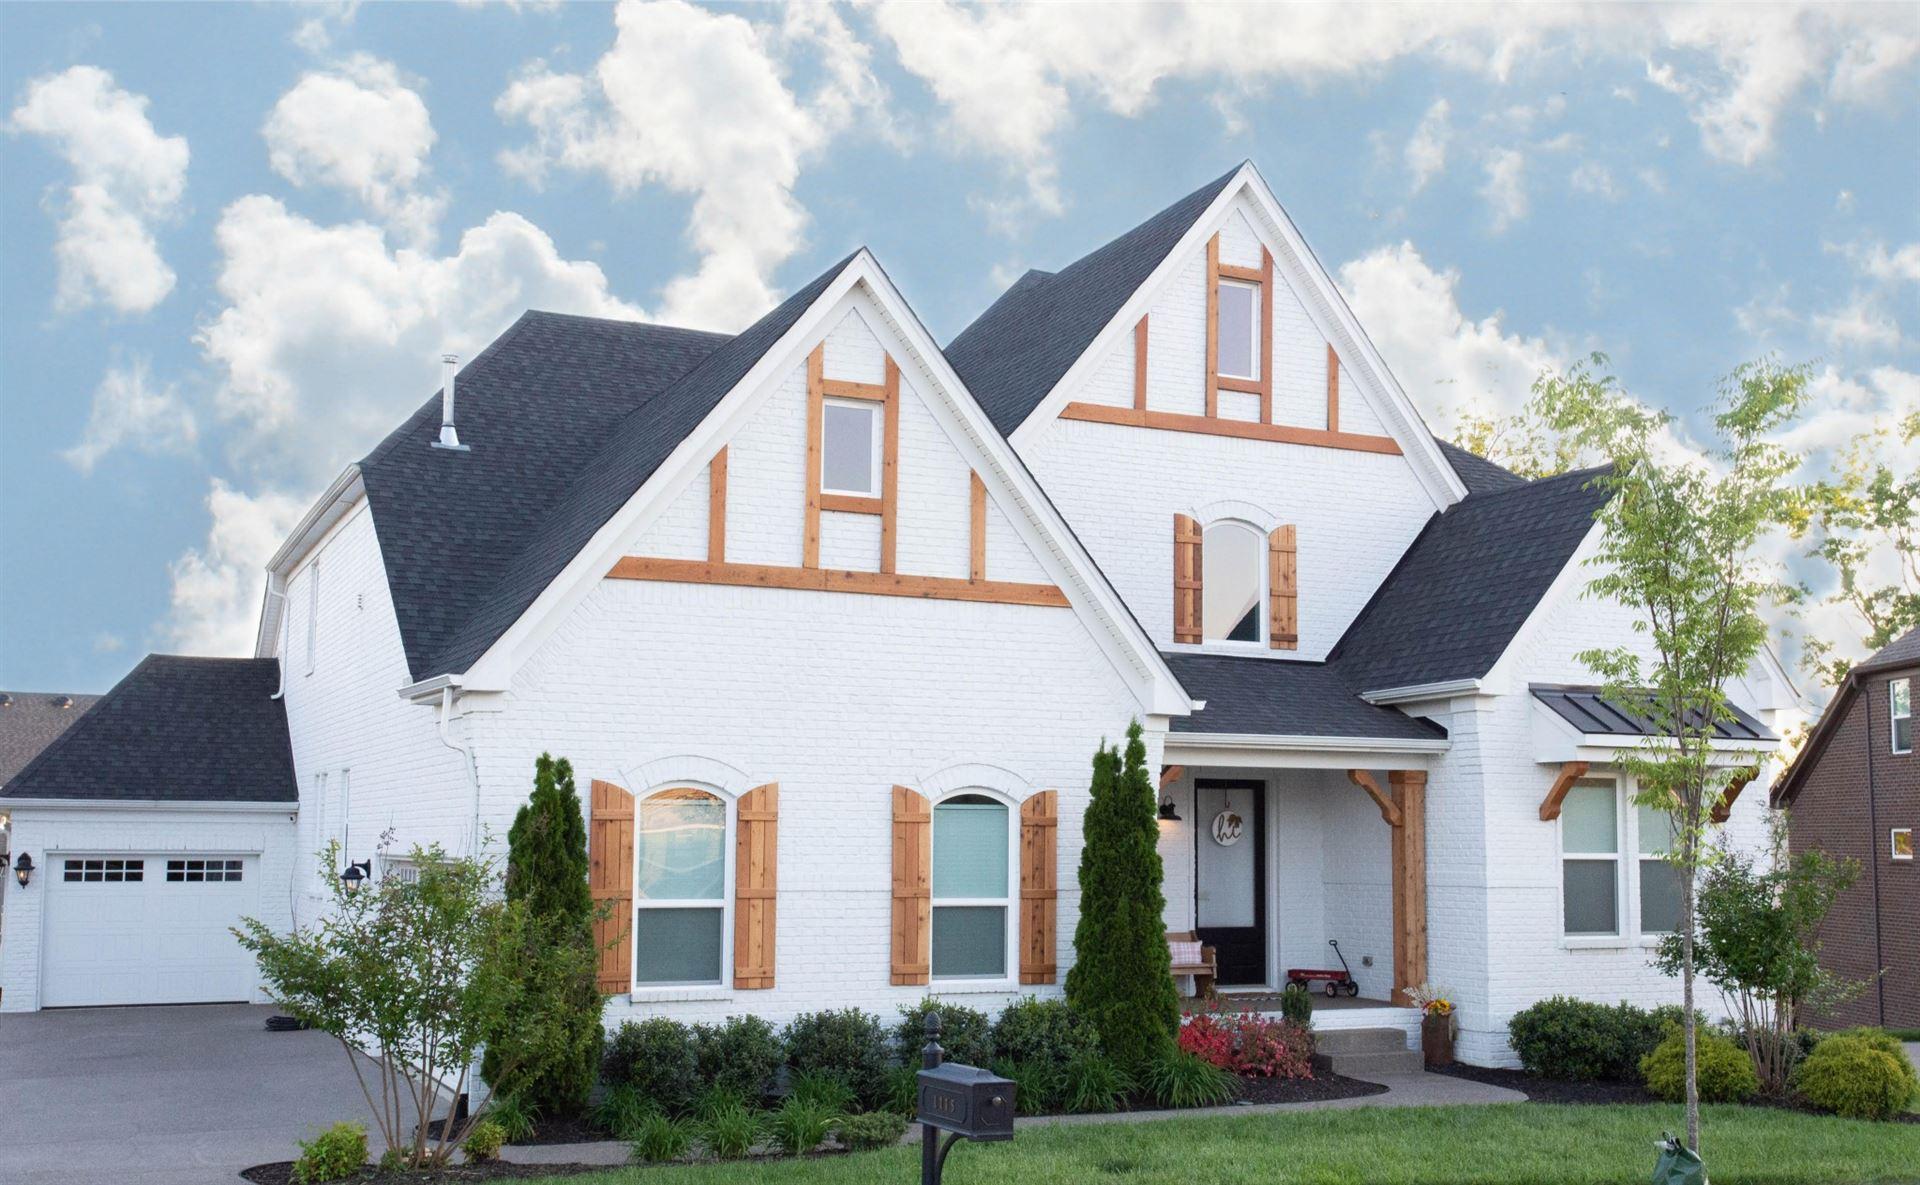 1115 Eckerton Dr, Nolensville, TN 37135 - MLS#: 2251861